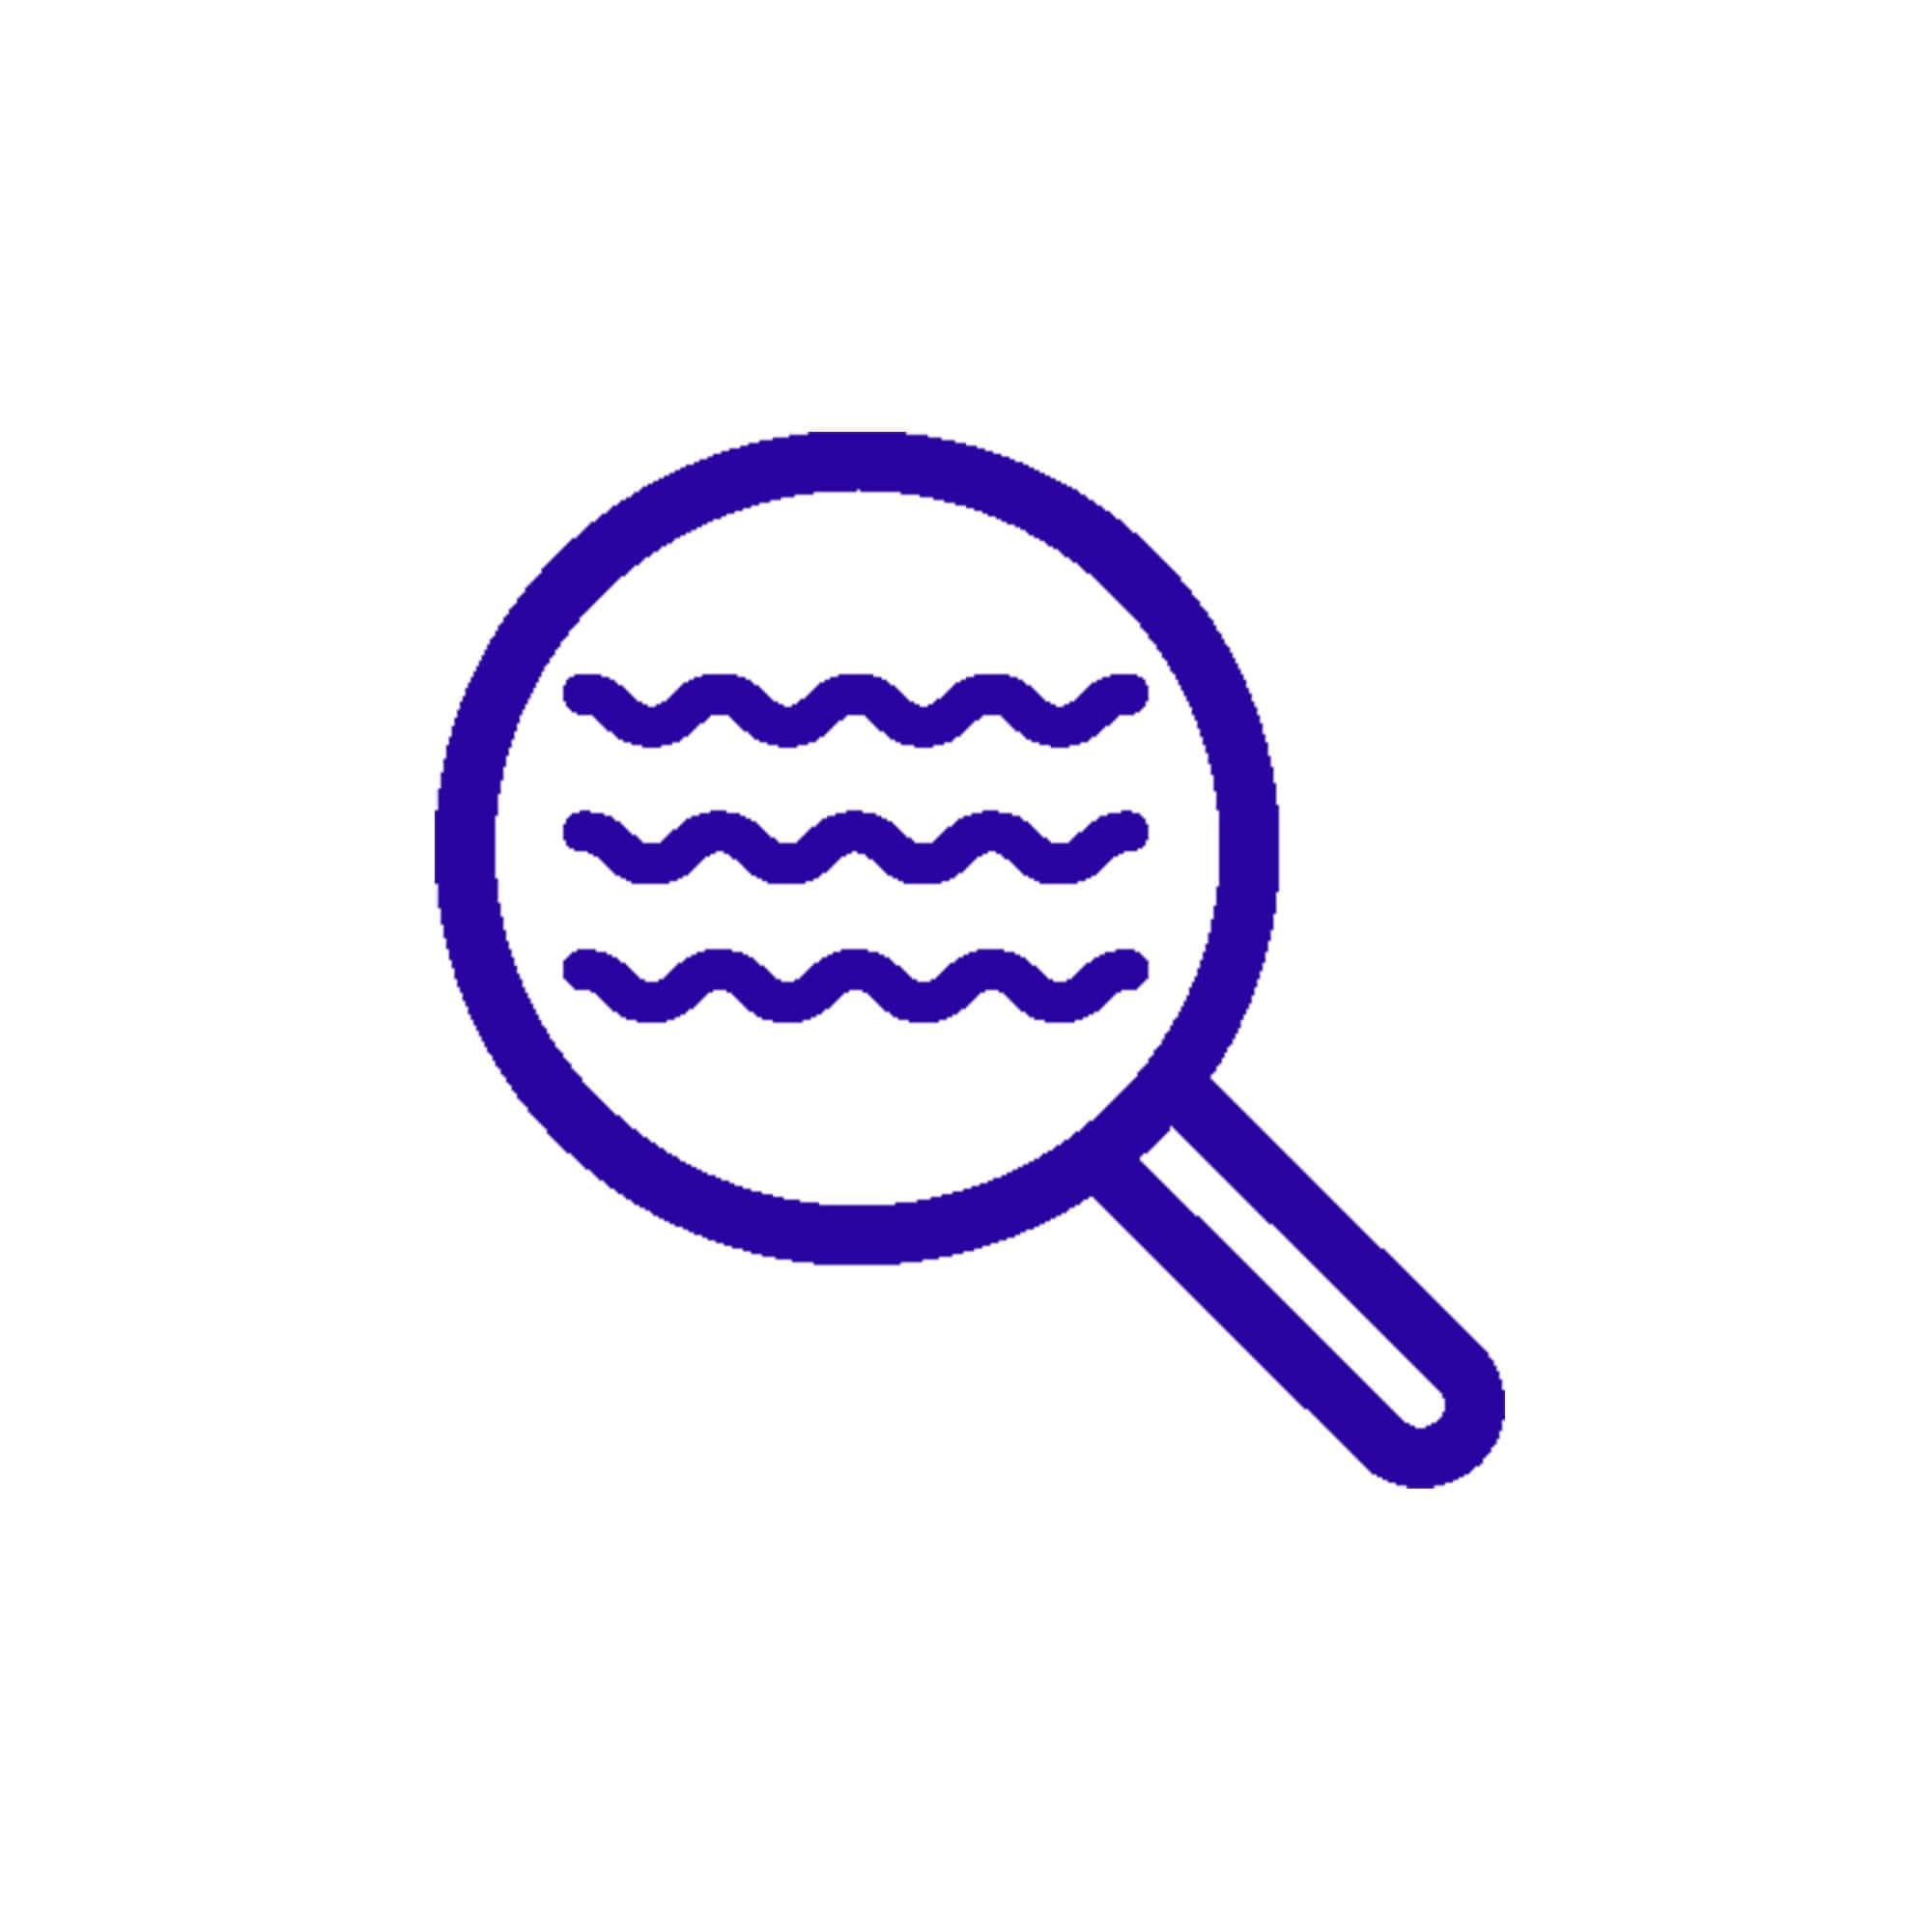 icône de détection d'inondation